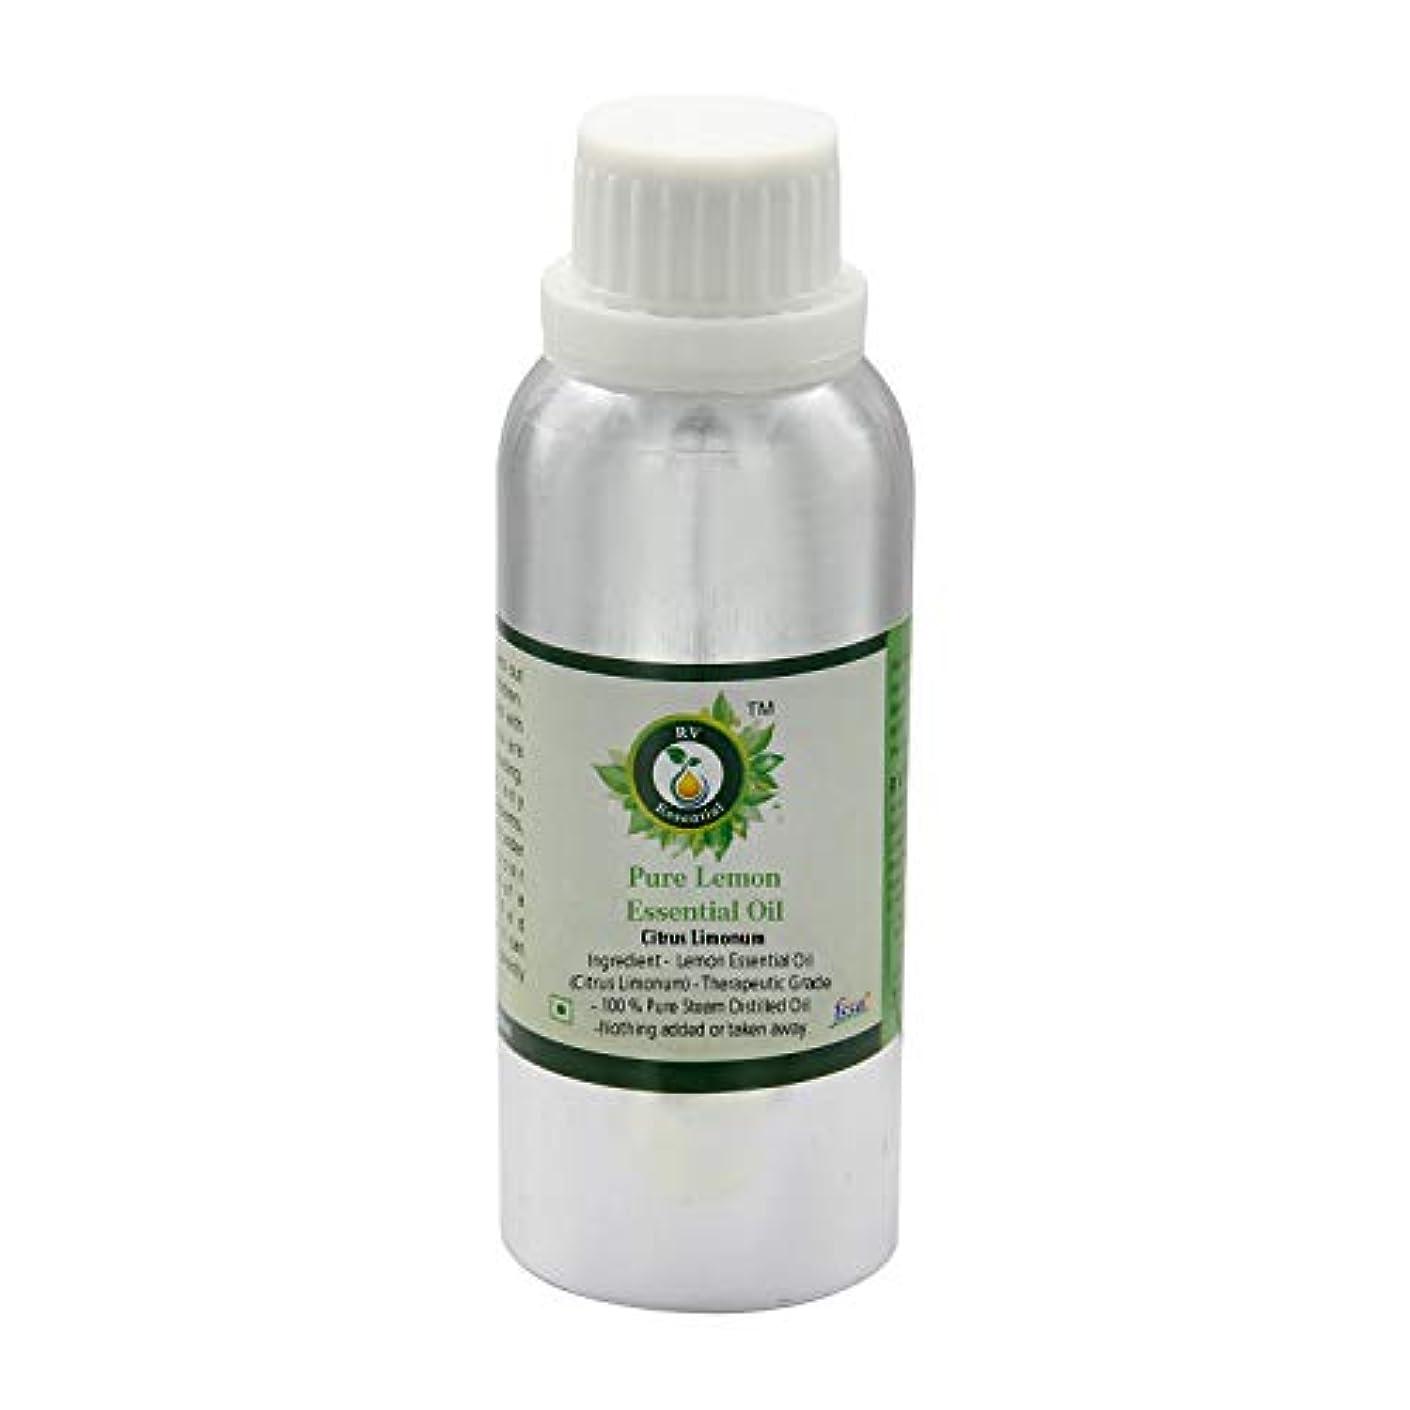 波シール作曲するR V Essential ピュアレモンエッセンシャルオイル630ml (21oz)- Citrus Limonum (100%純粋&天然スチームDistilled) Pure Lemon Essential Oil